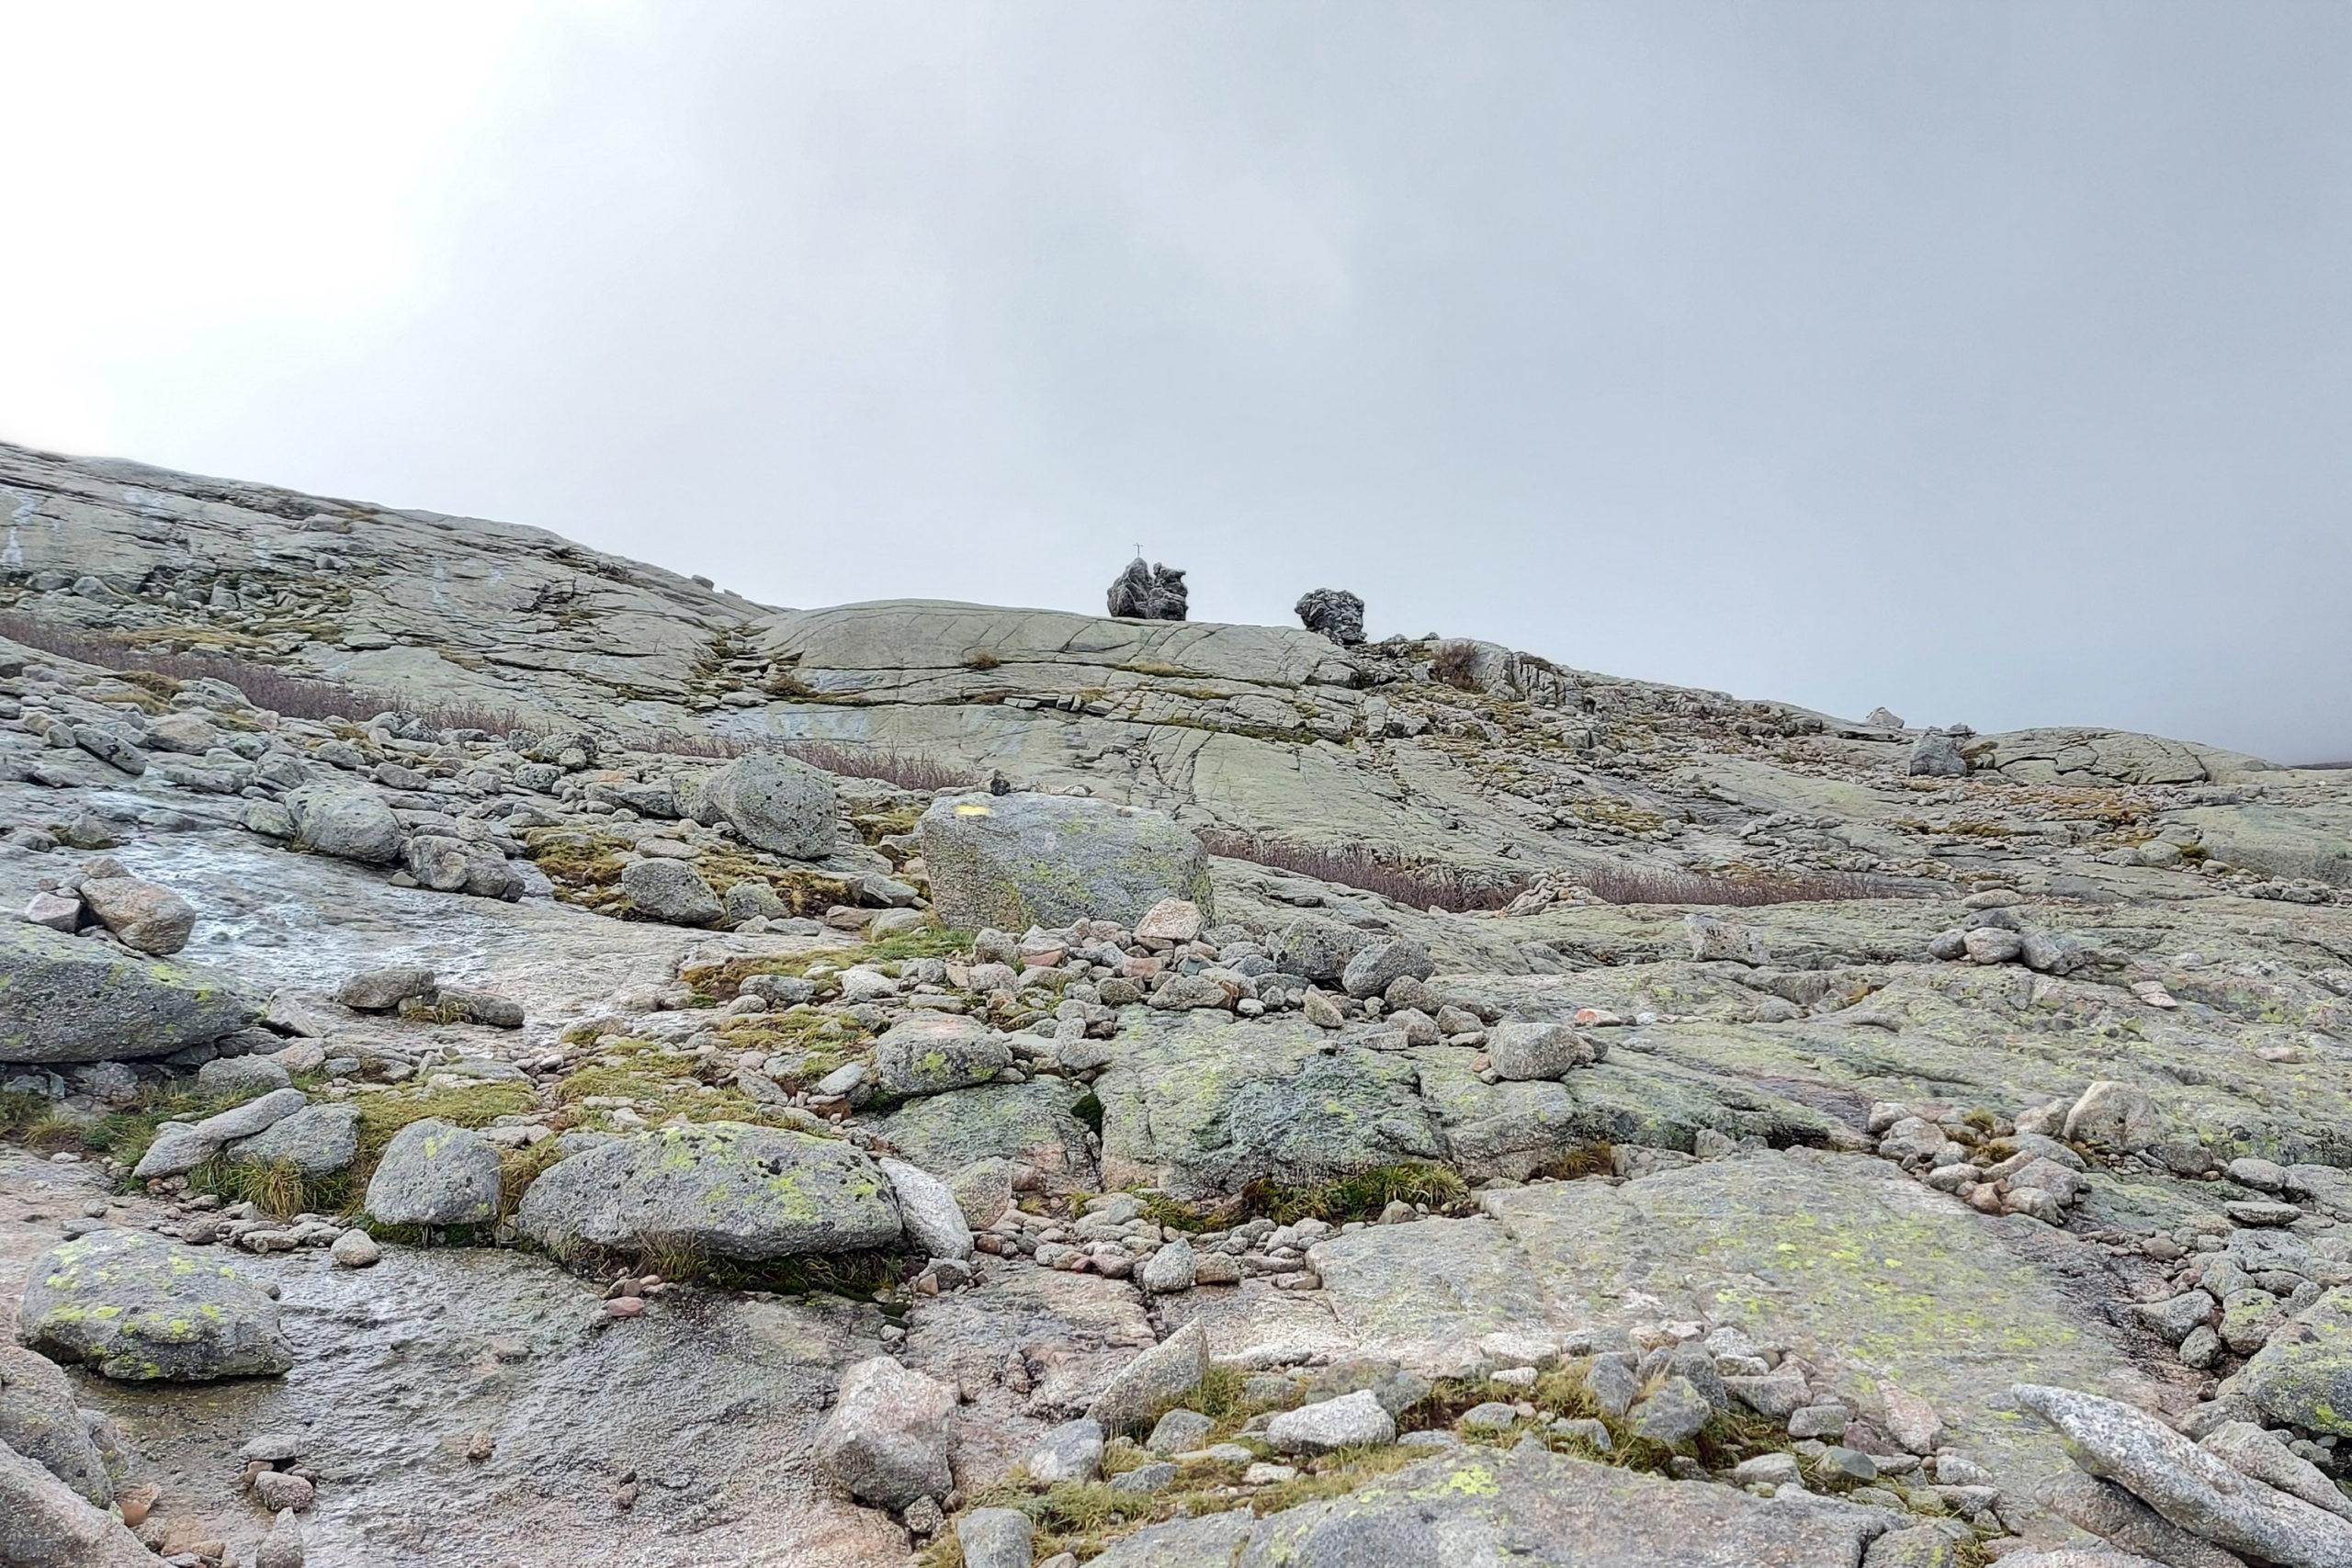 Abenteuerliches Korsika offroad mit Piskorz & Piskorz 1